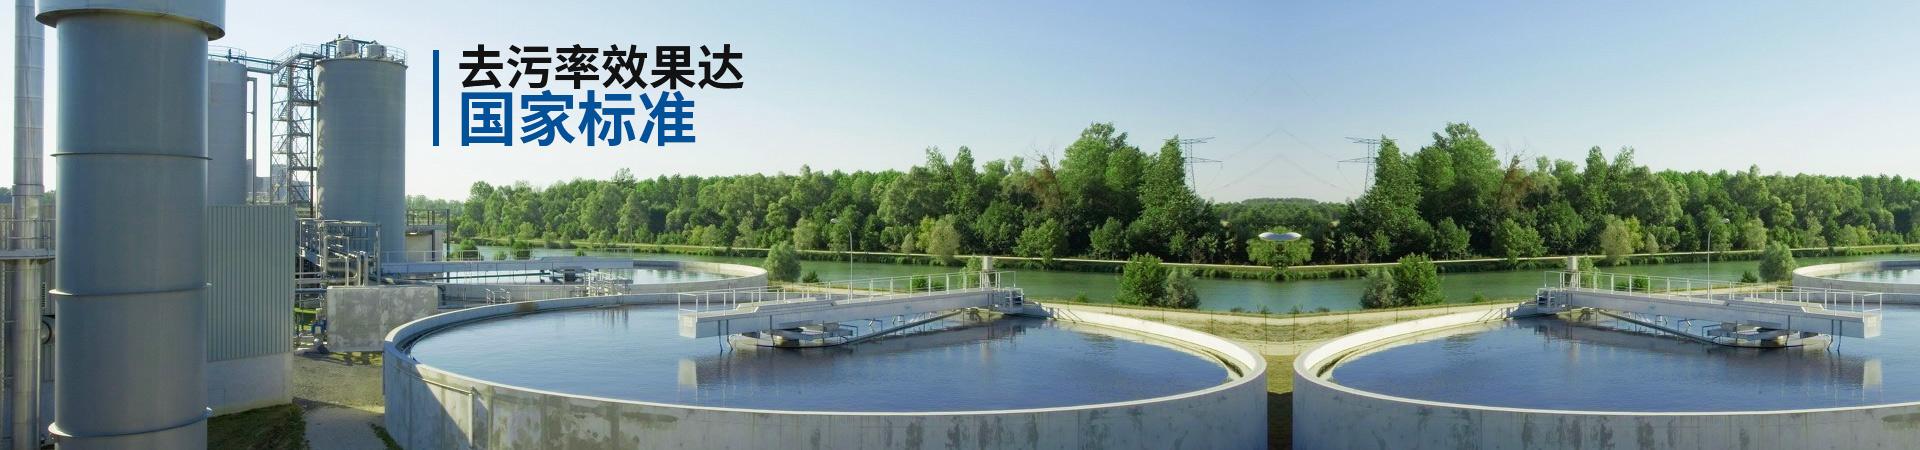 凯萨诺一体化污水处理设备去污率效果达到国家标准